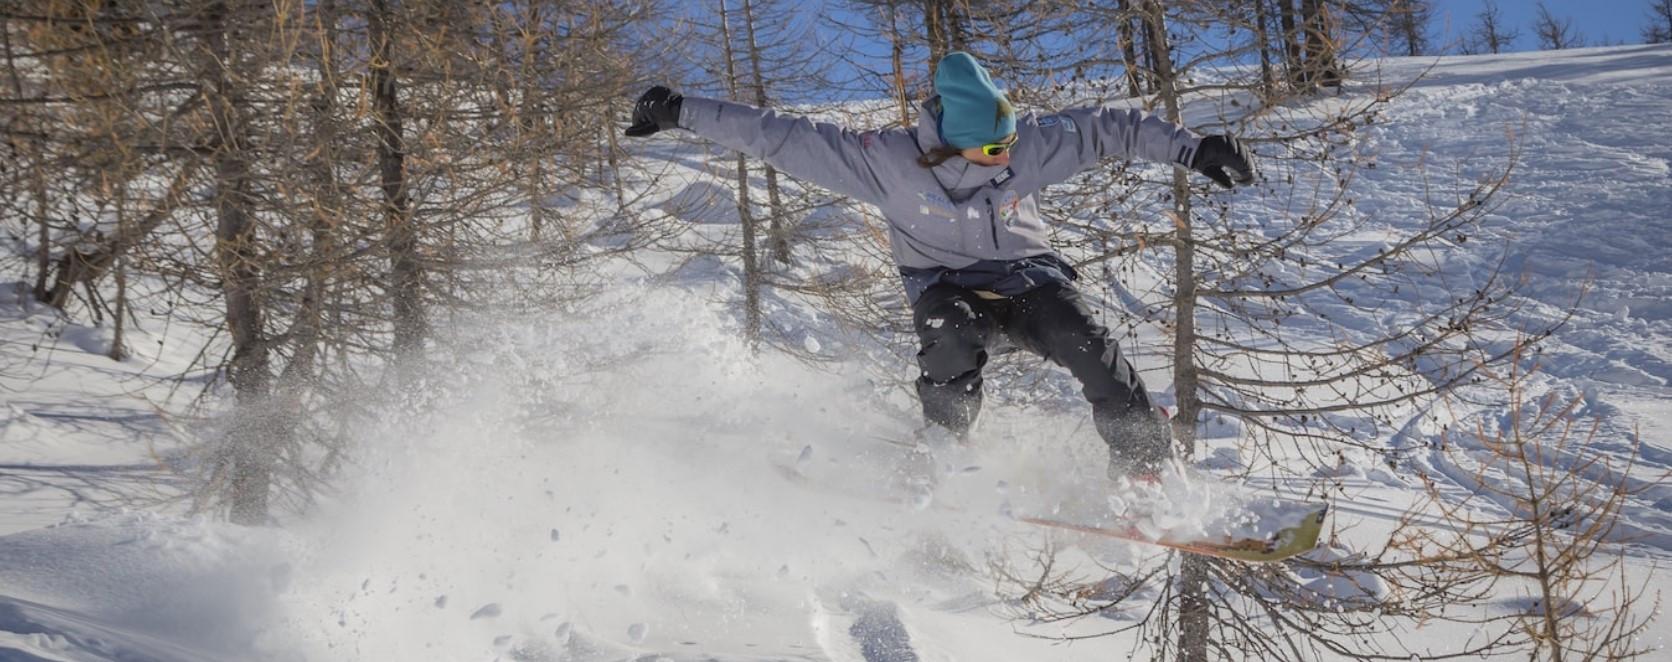 Lezione privata di snowboard per tutti i livelli a Claviere in Val di Susa